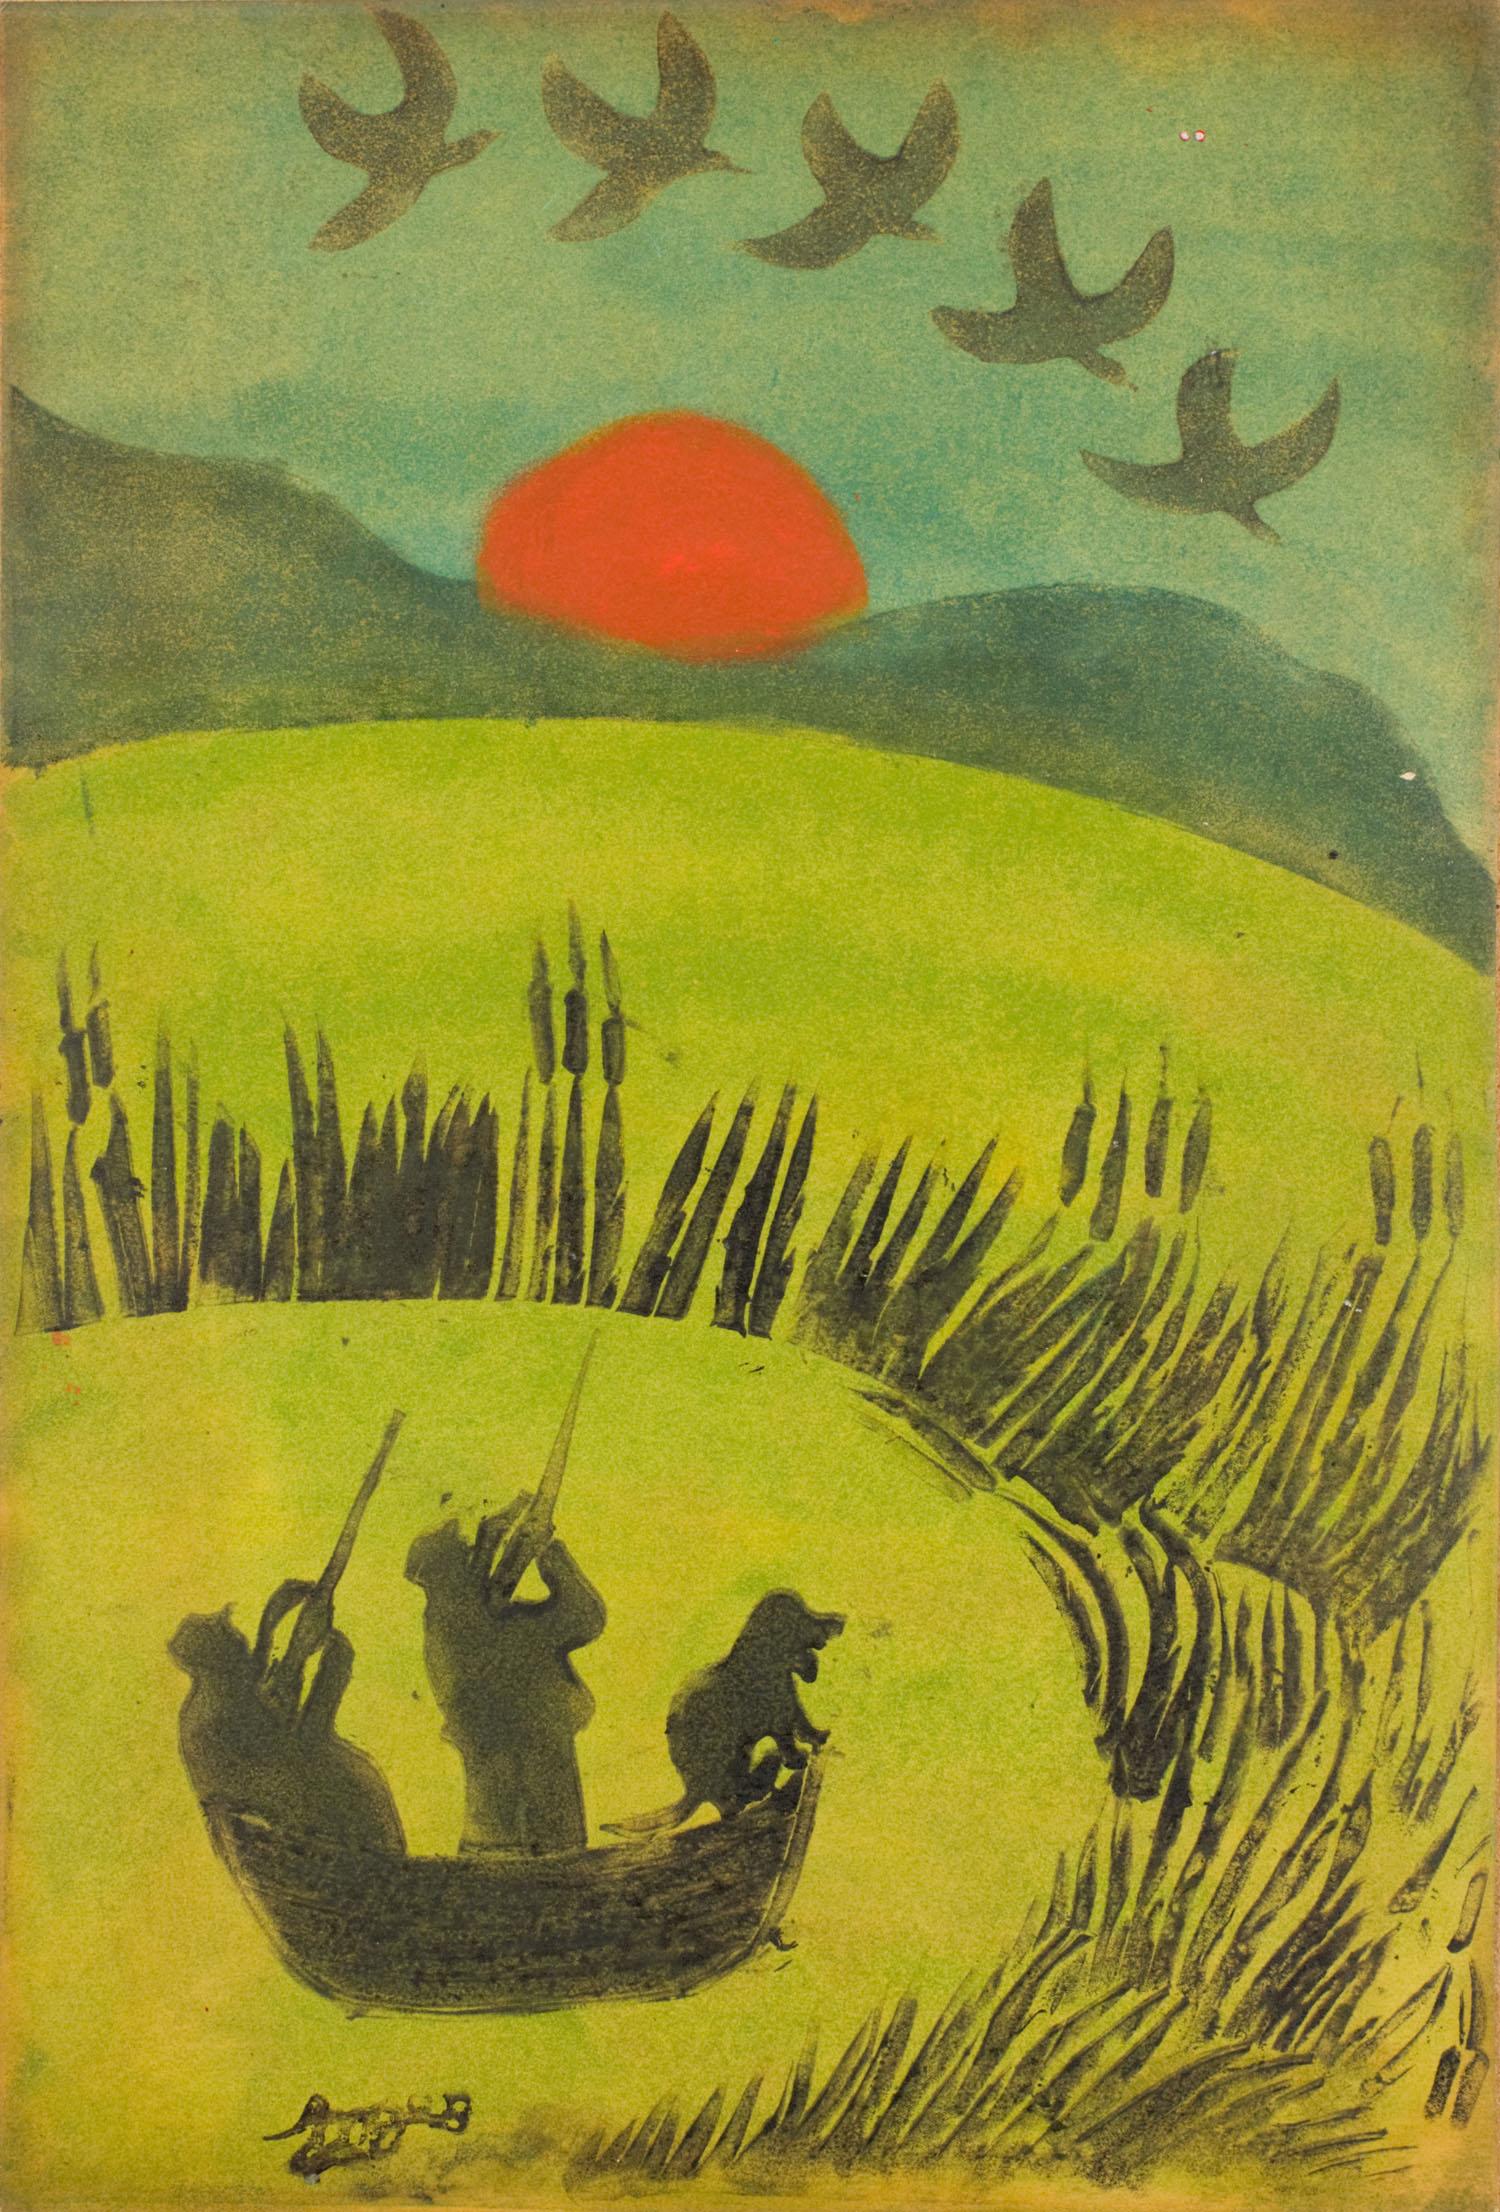 La chasse au canard sauvage | La Bible du bottier | La chasse au canard sauvage